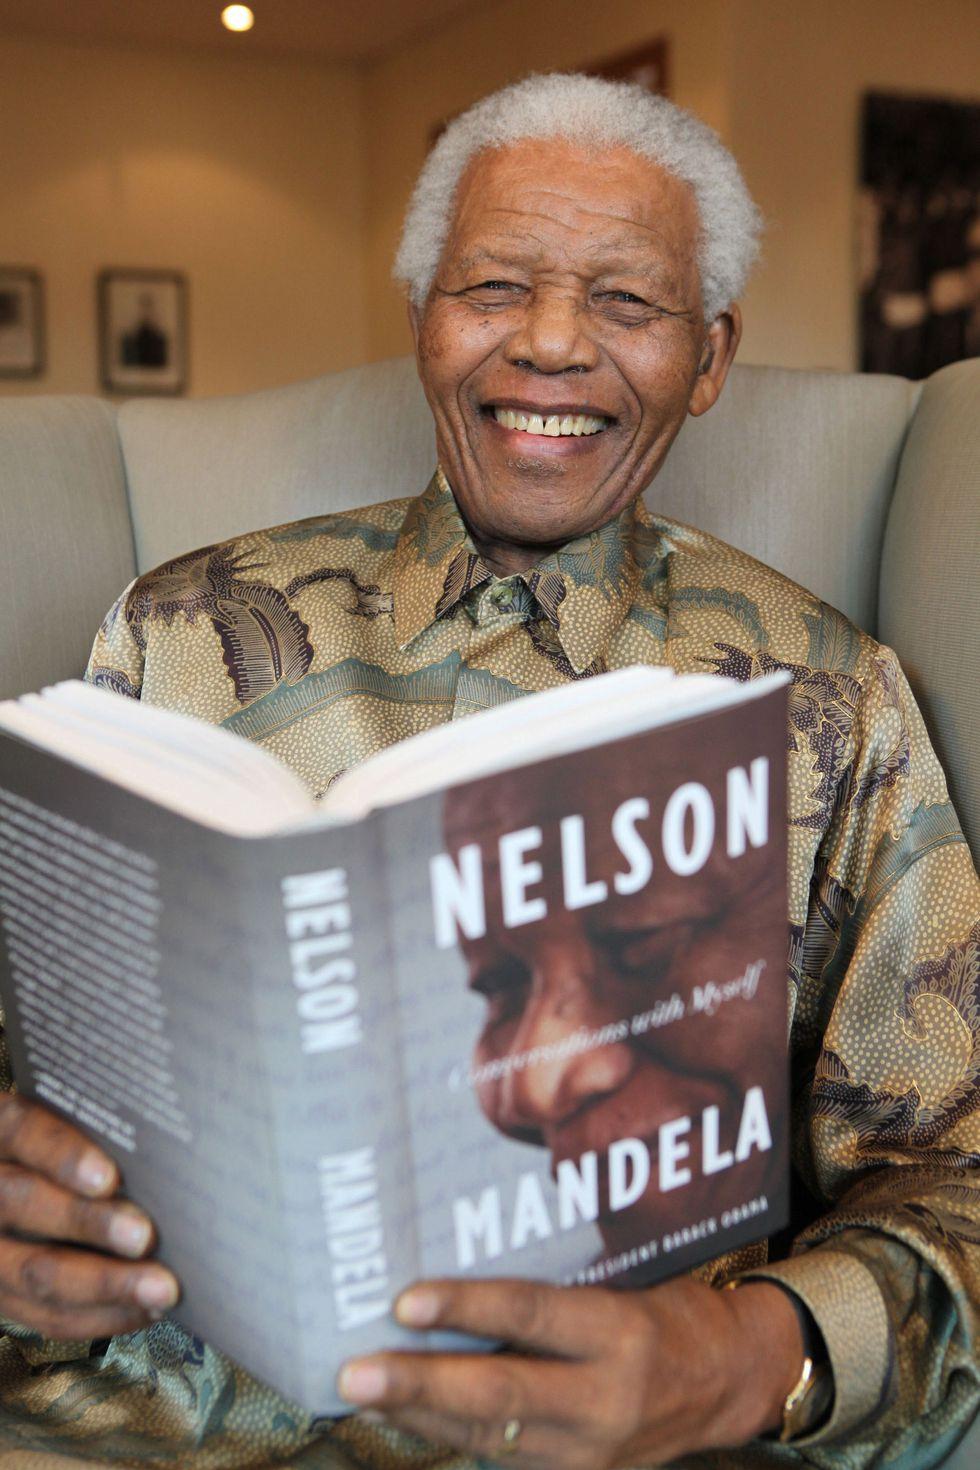 Mandela si sta spegnendo e l'Anc dilapida la sua eredità